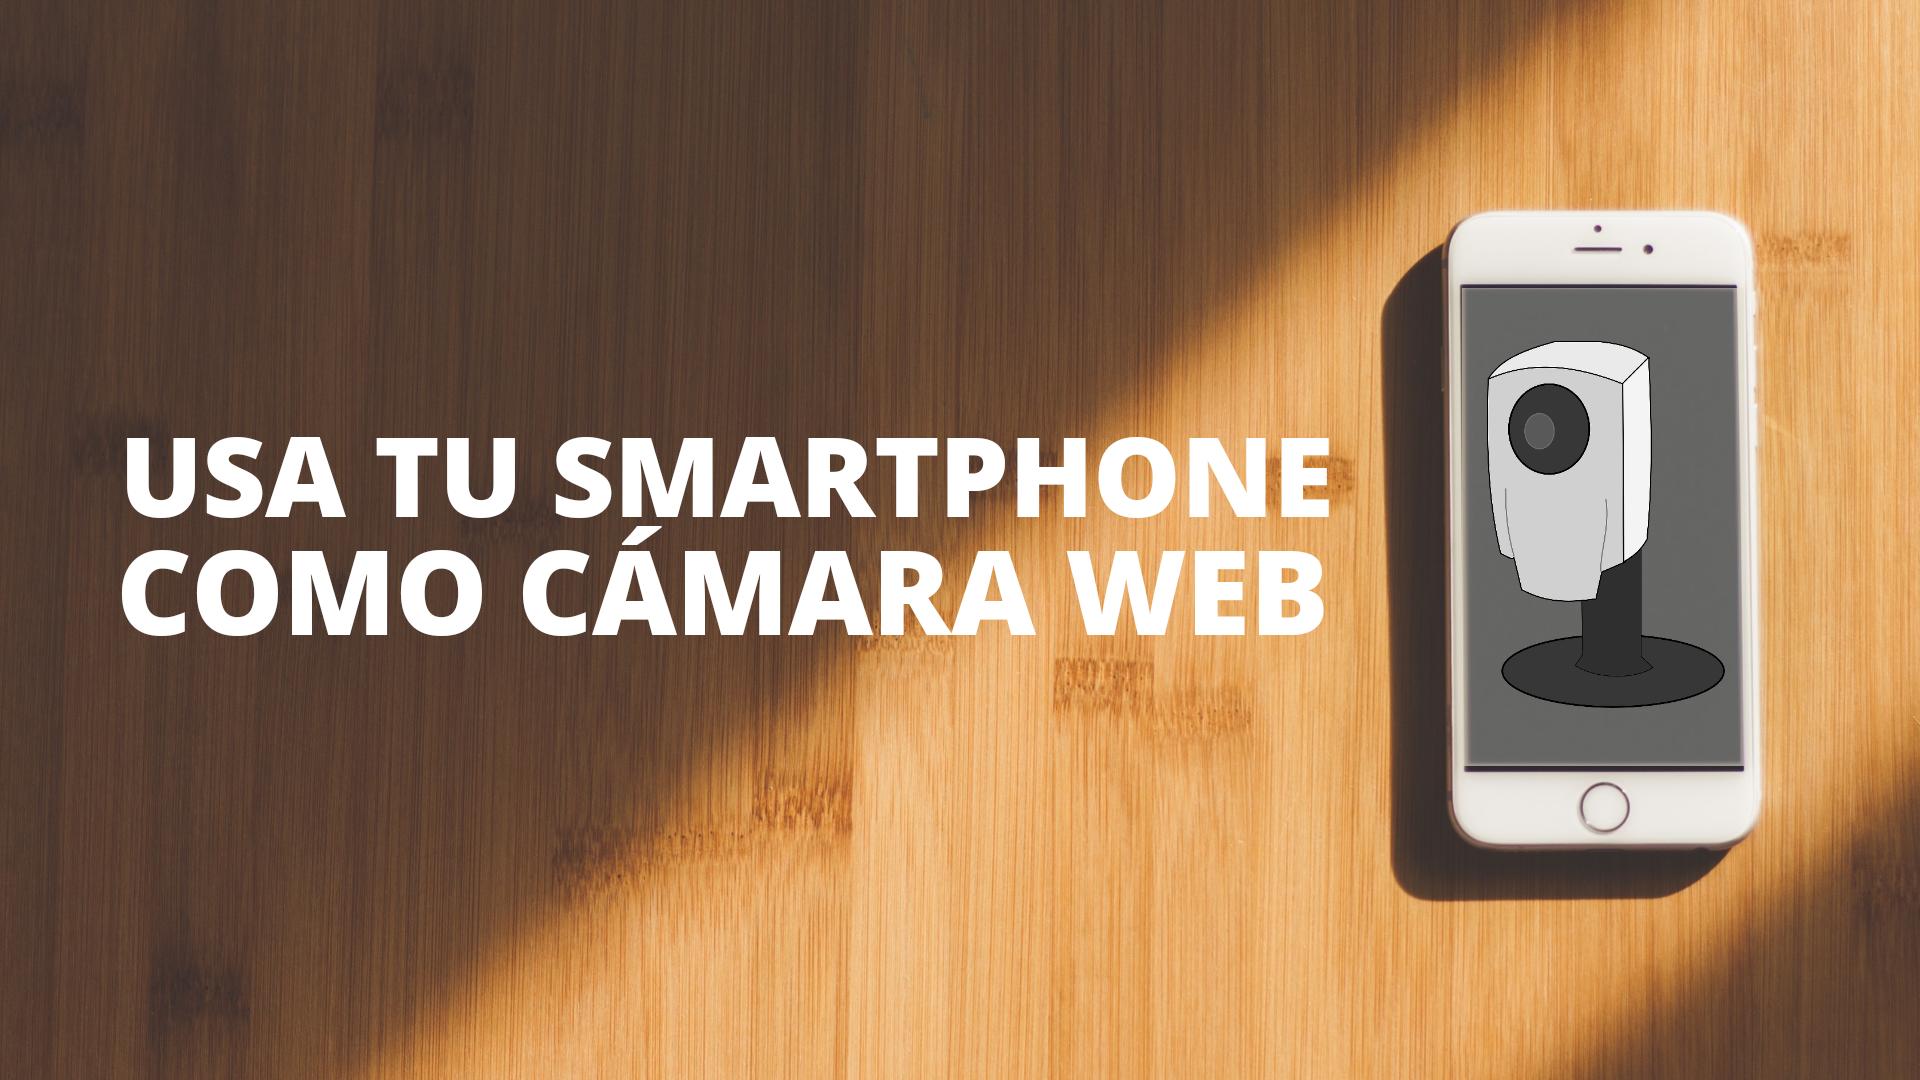 ¿Cómo usar tu smartphone como cámara web?